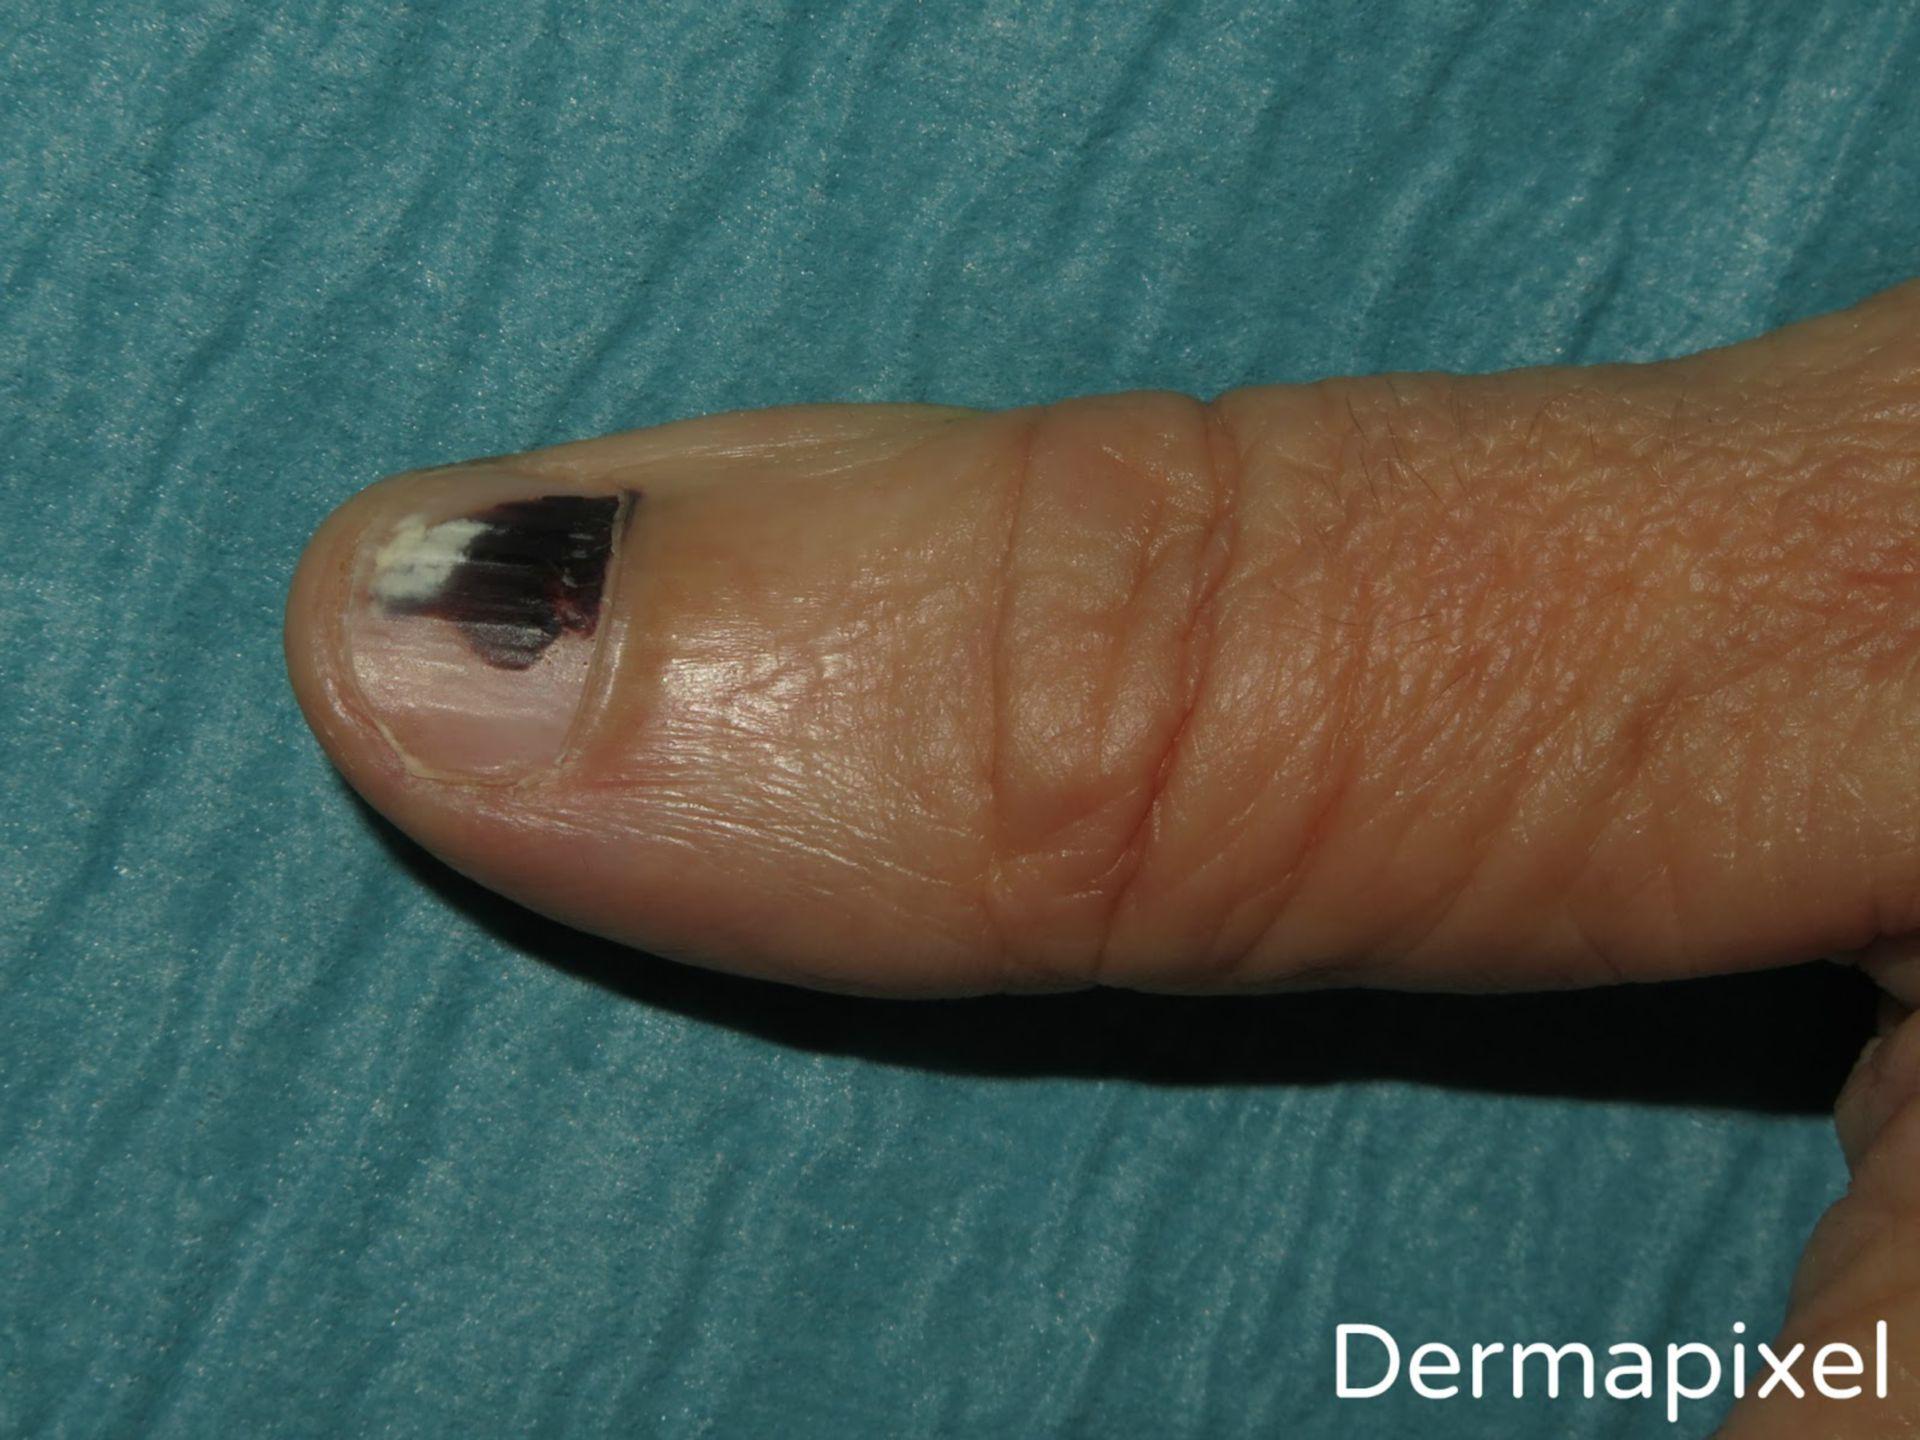 Una uña negra (1)